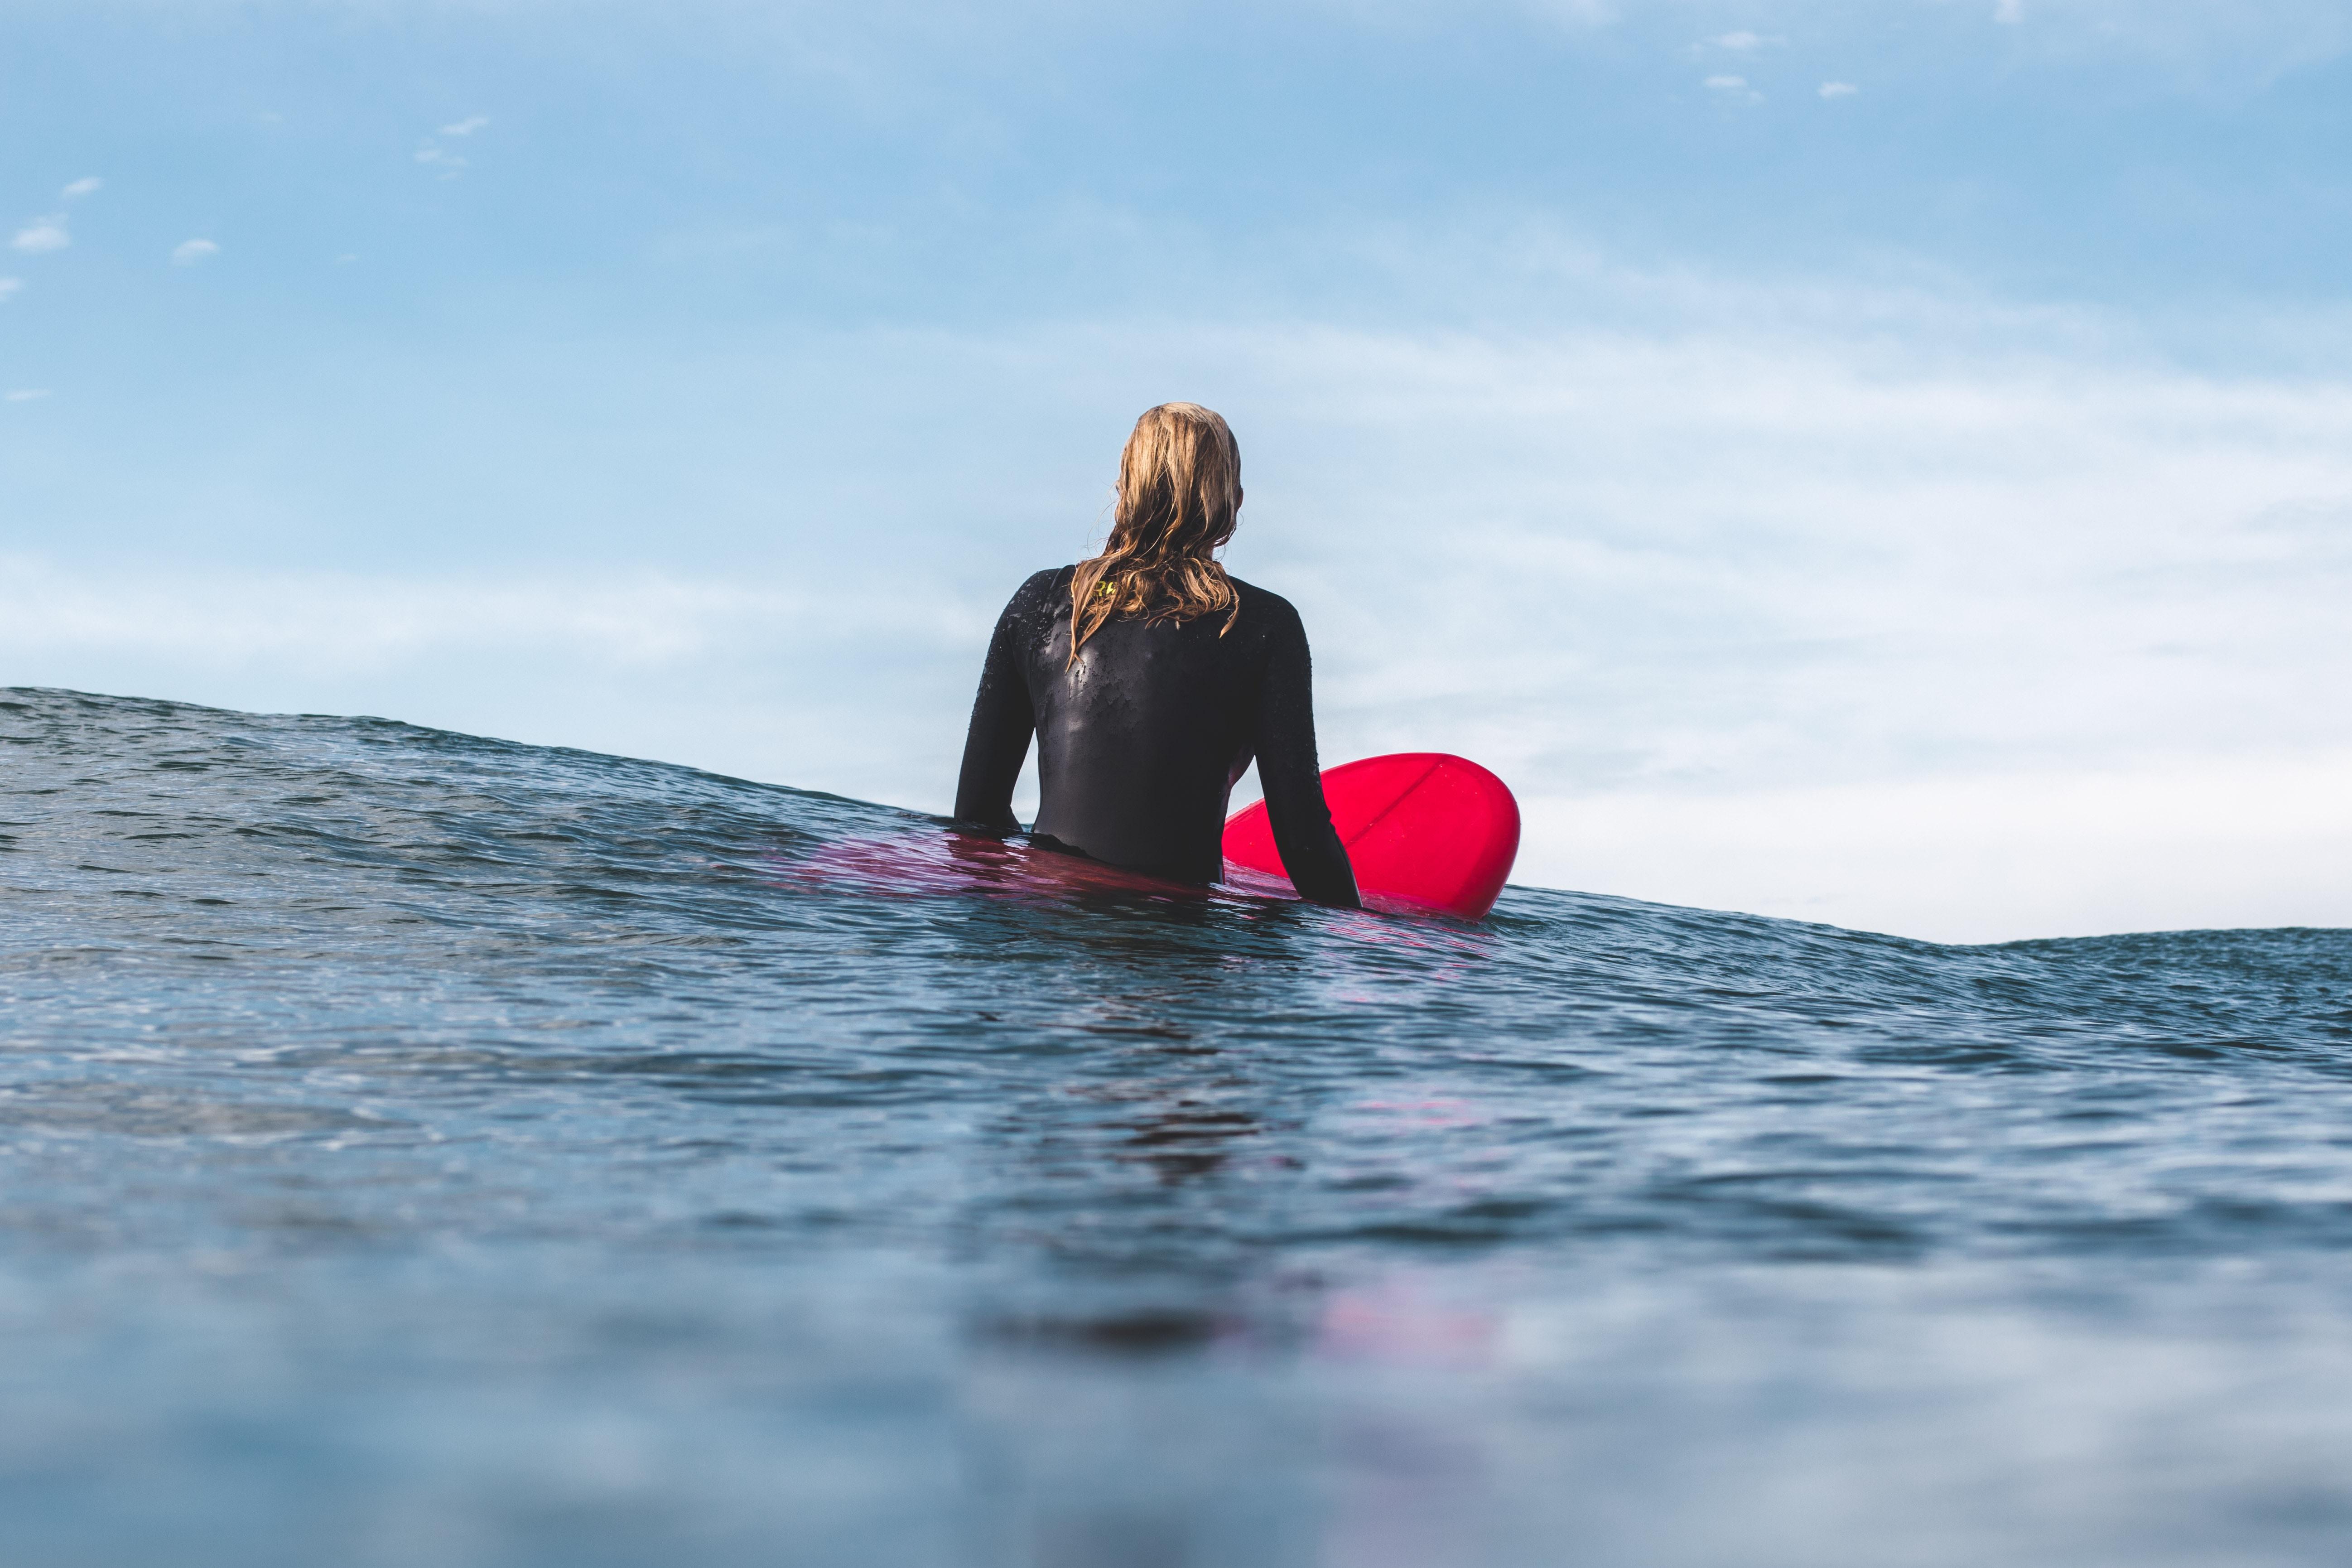 free influencer surfing